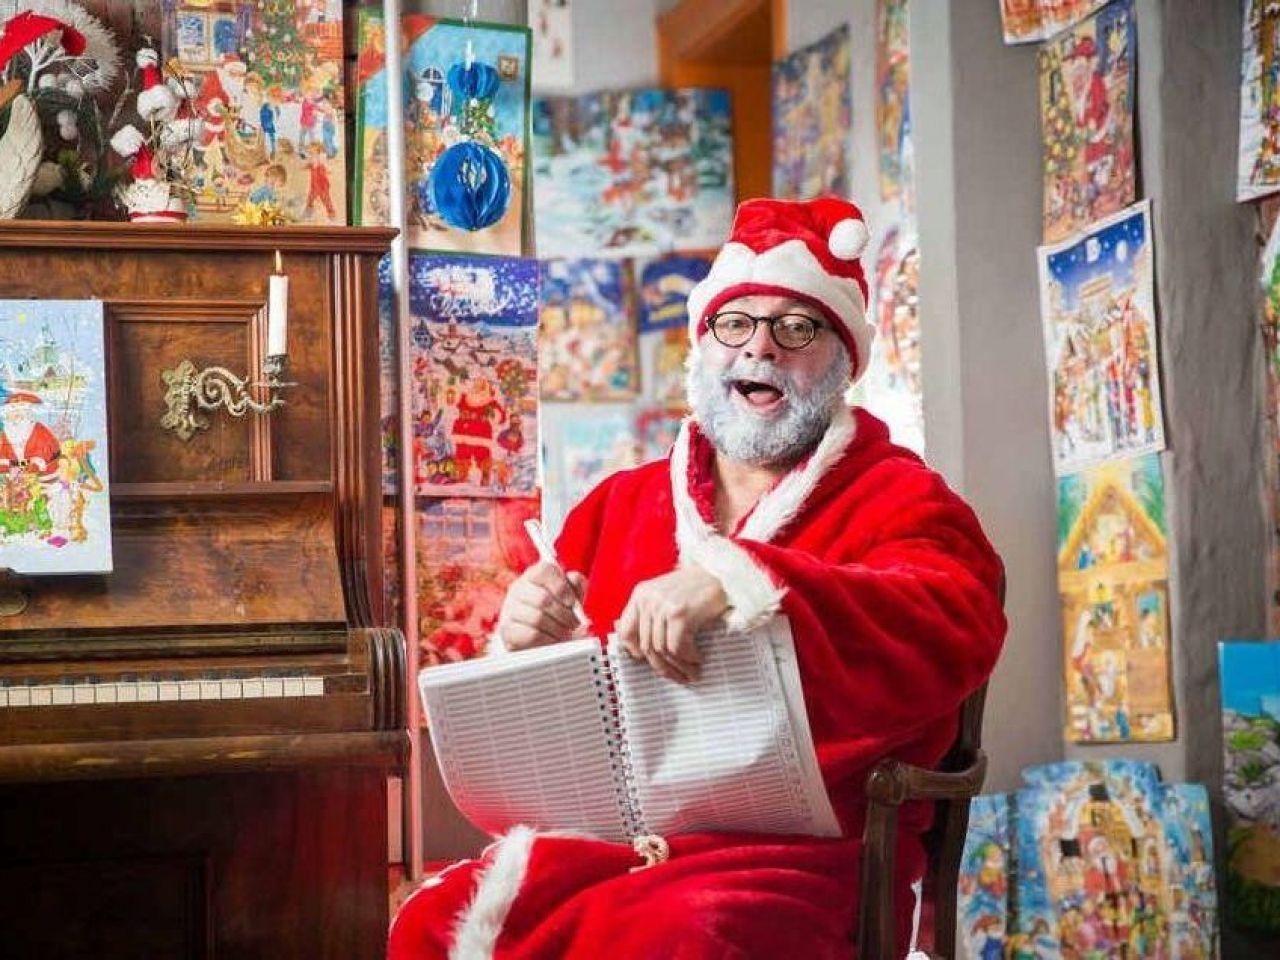 Hausbesuch beim Weihnachtsmann